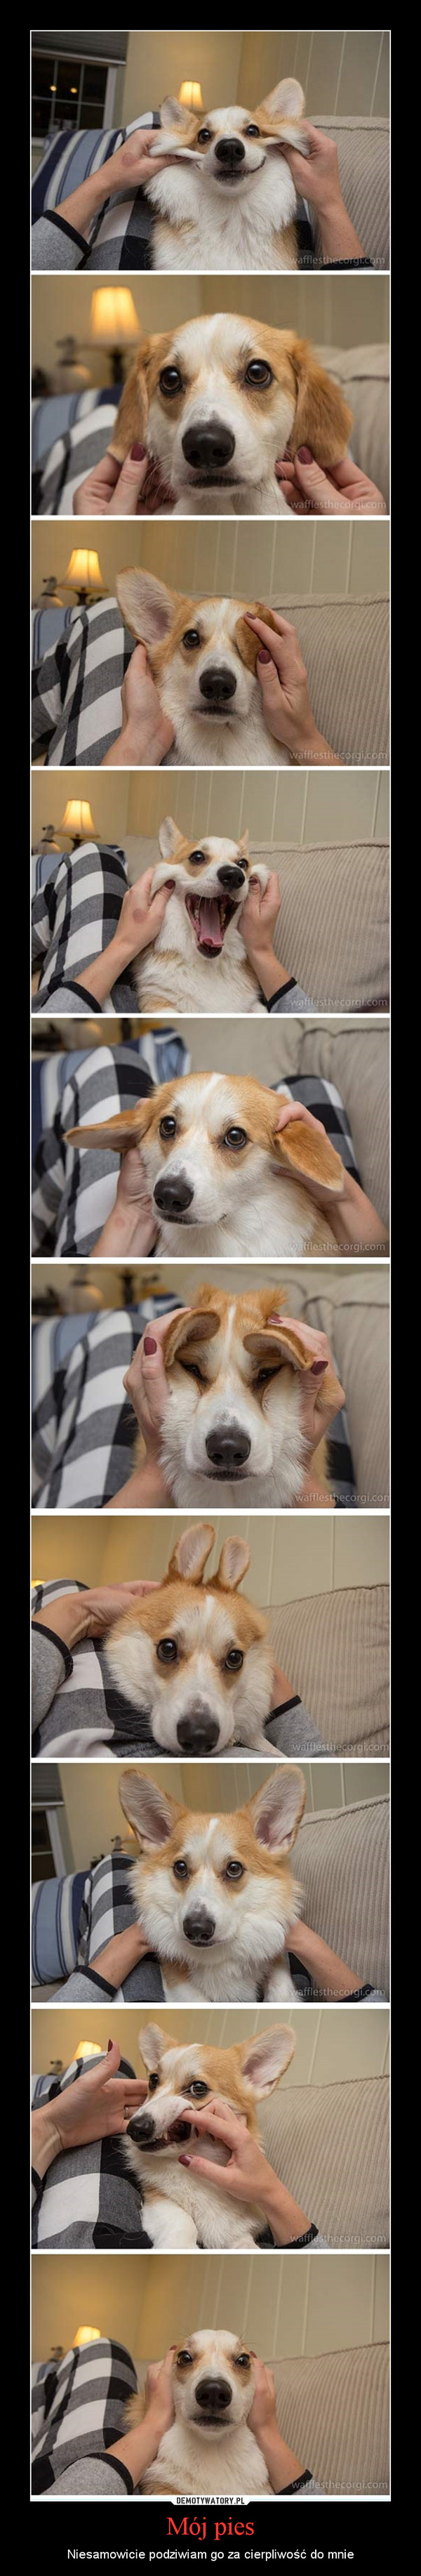 Mój pies – Niesamowicie podziwiam go za cierpliwość do mnie